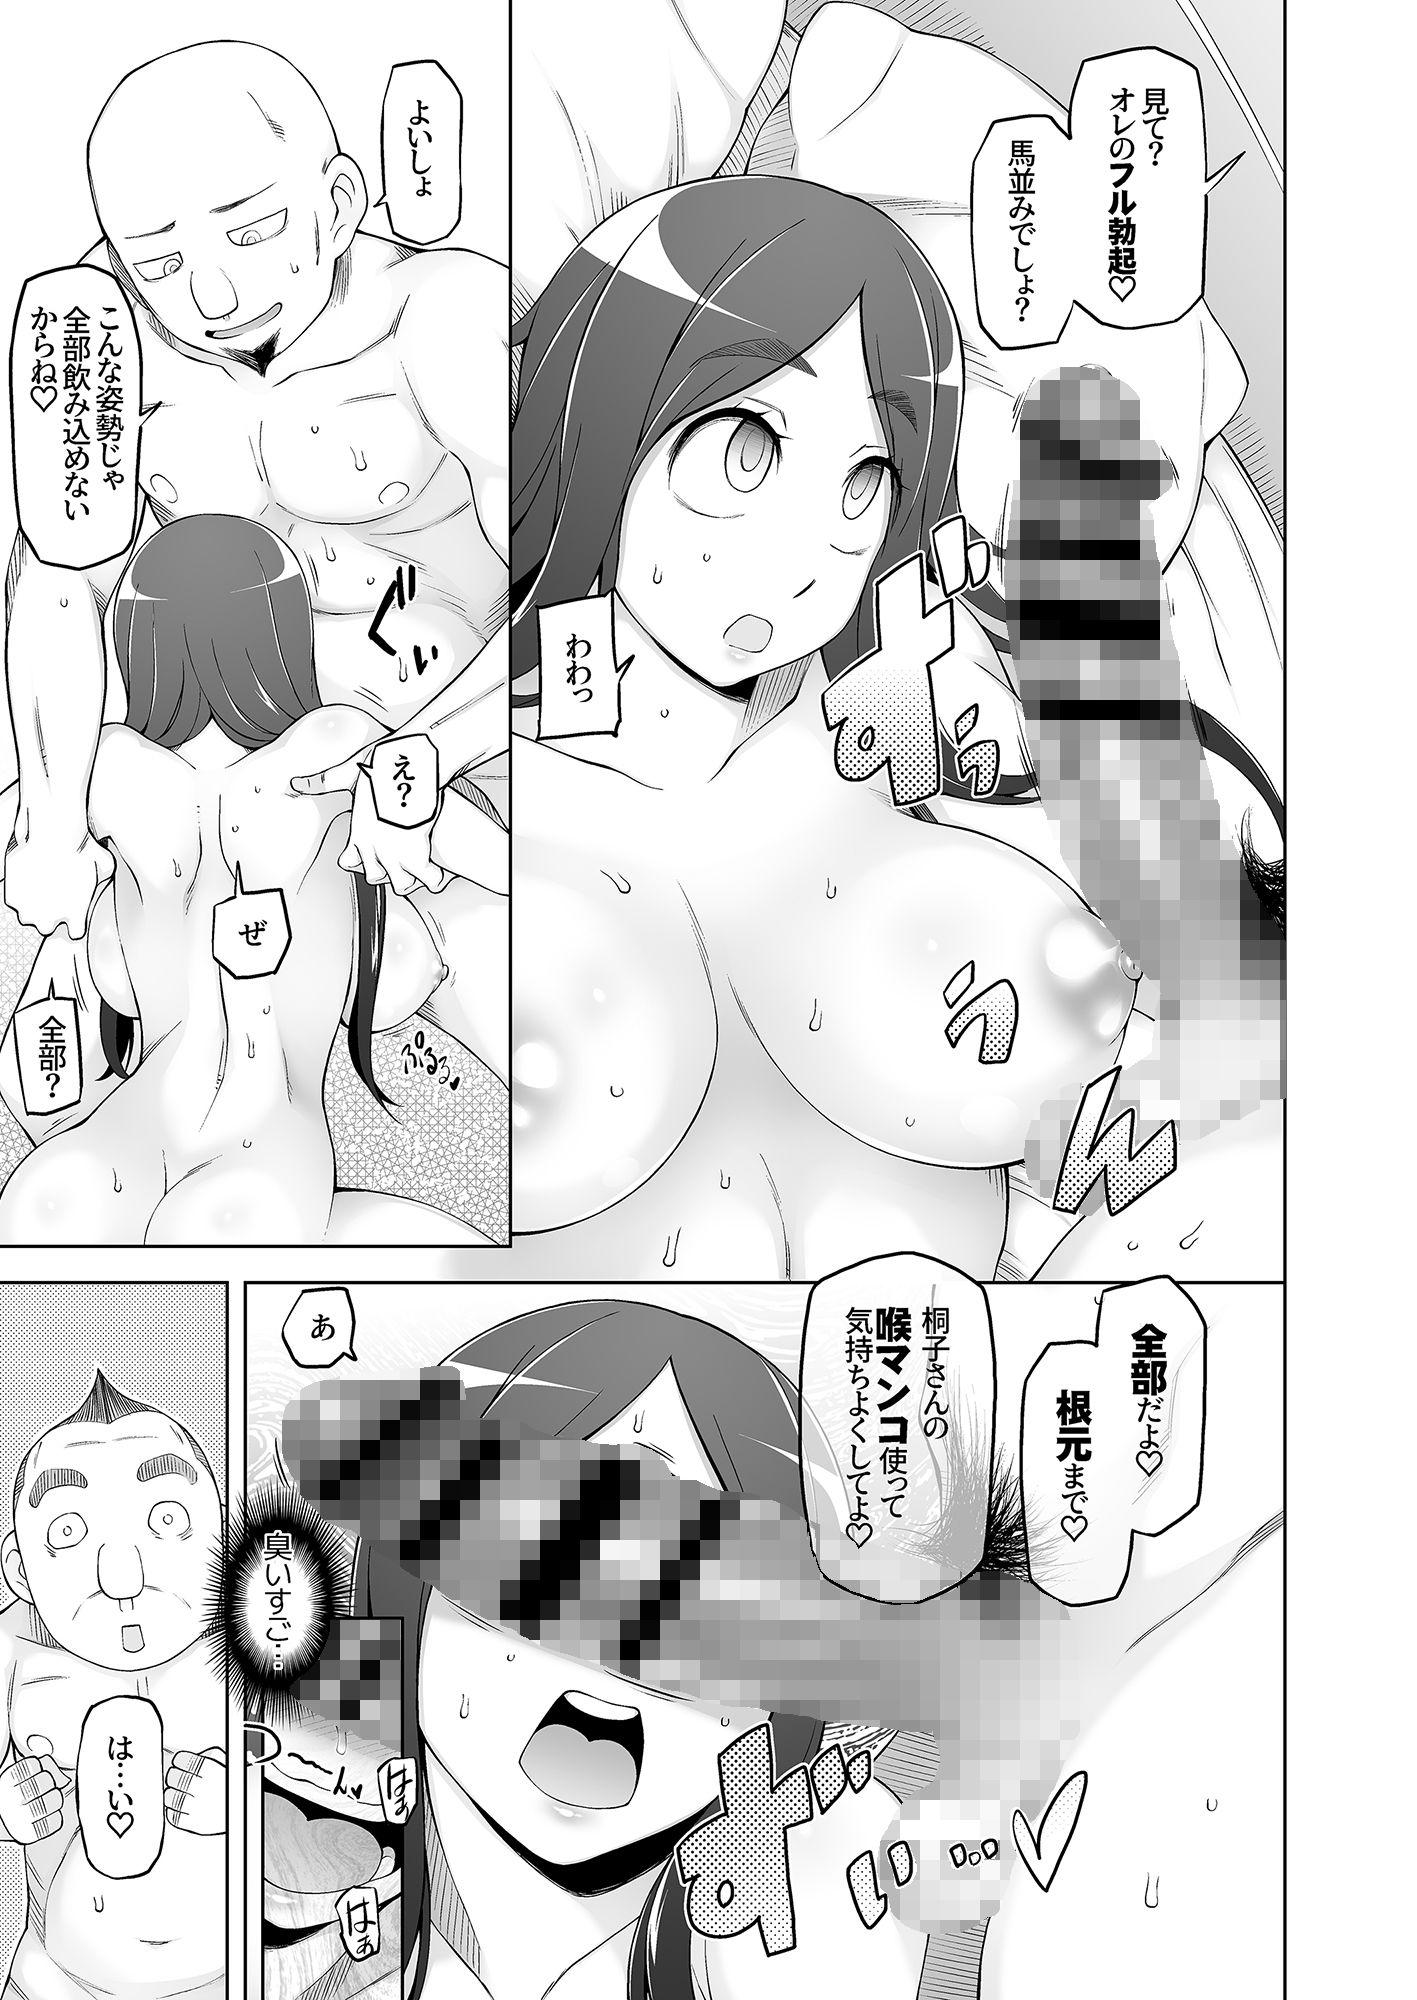 【エロ漫画無料大全集】人妻の調教寝取られ性活がヤバい!SNSで知り合ったフォロワーとガチンコセックス!連日ハメまくってる人妻がこちら…